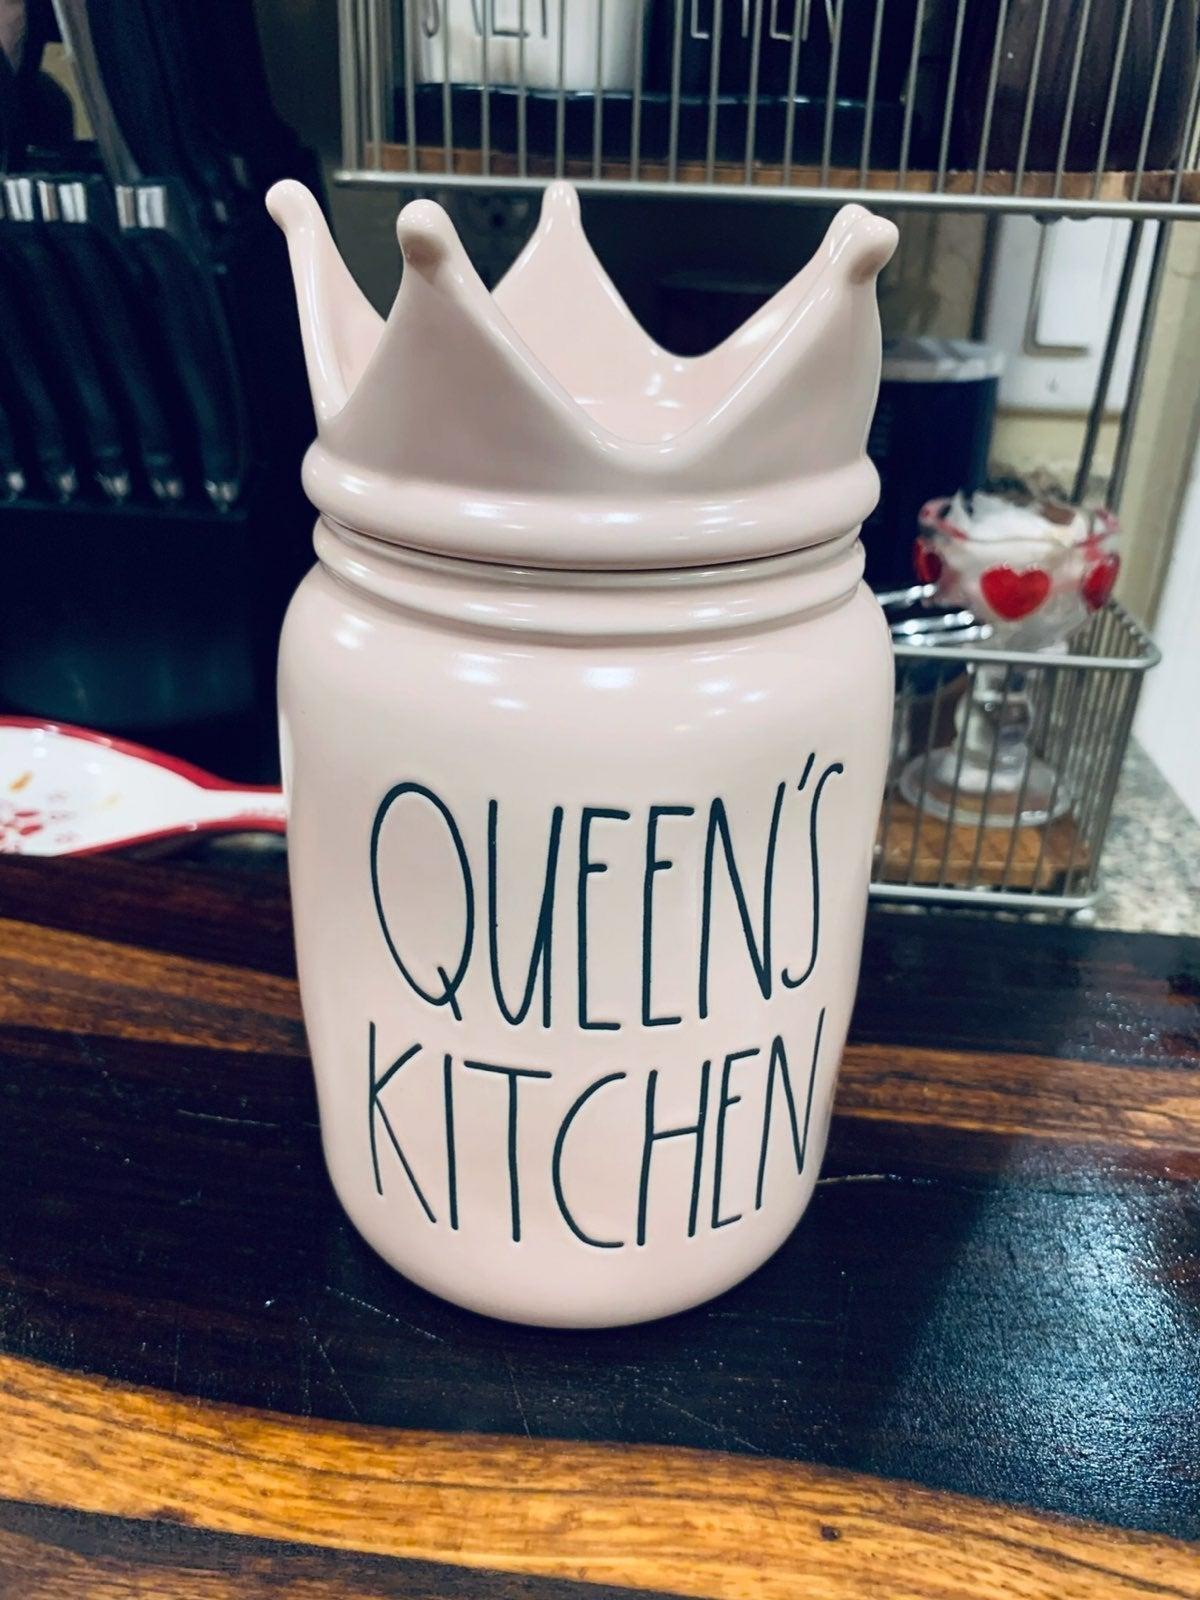 Rae Dunn queens kitchen